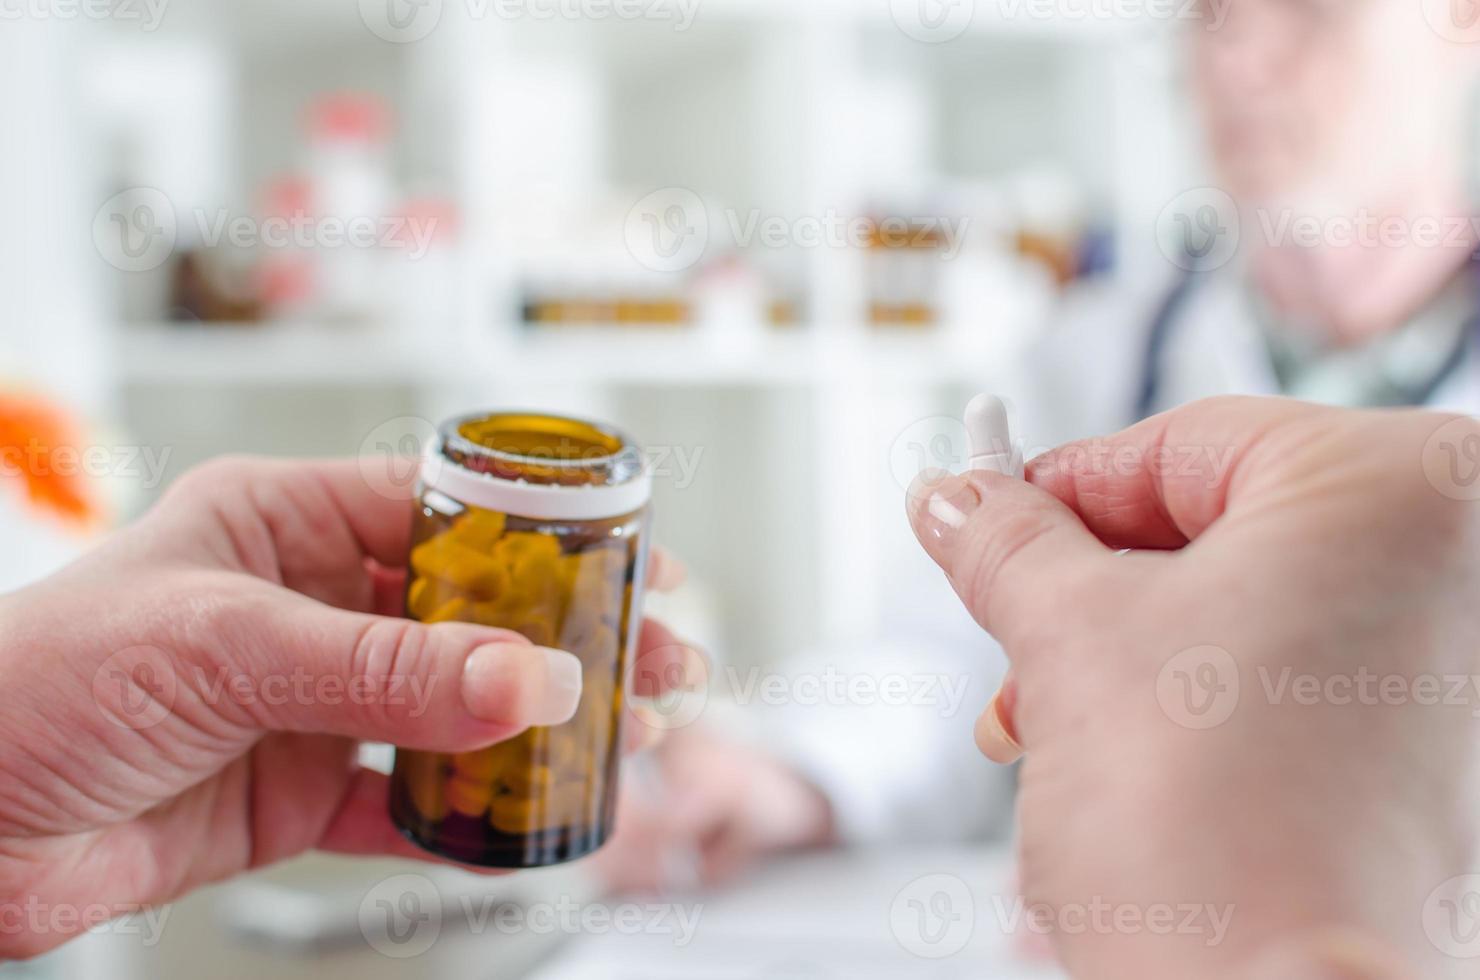 paziente in possesso di una pillola in studio medico foto